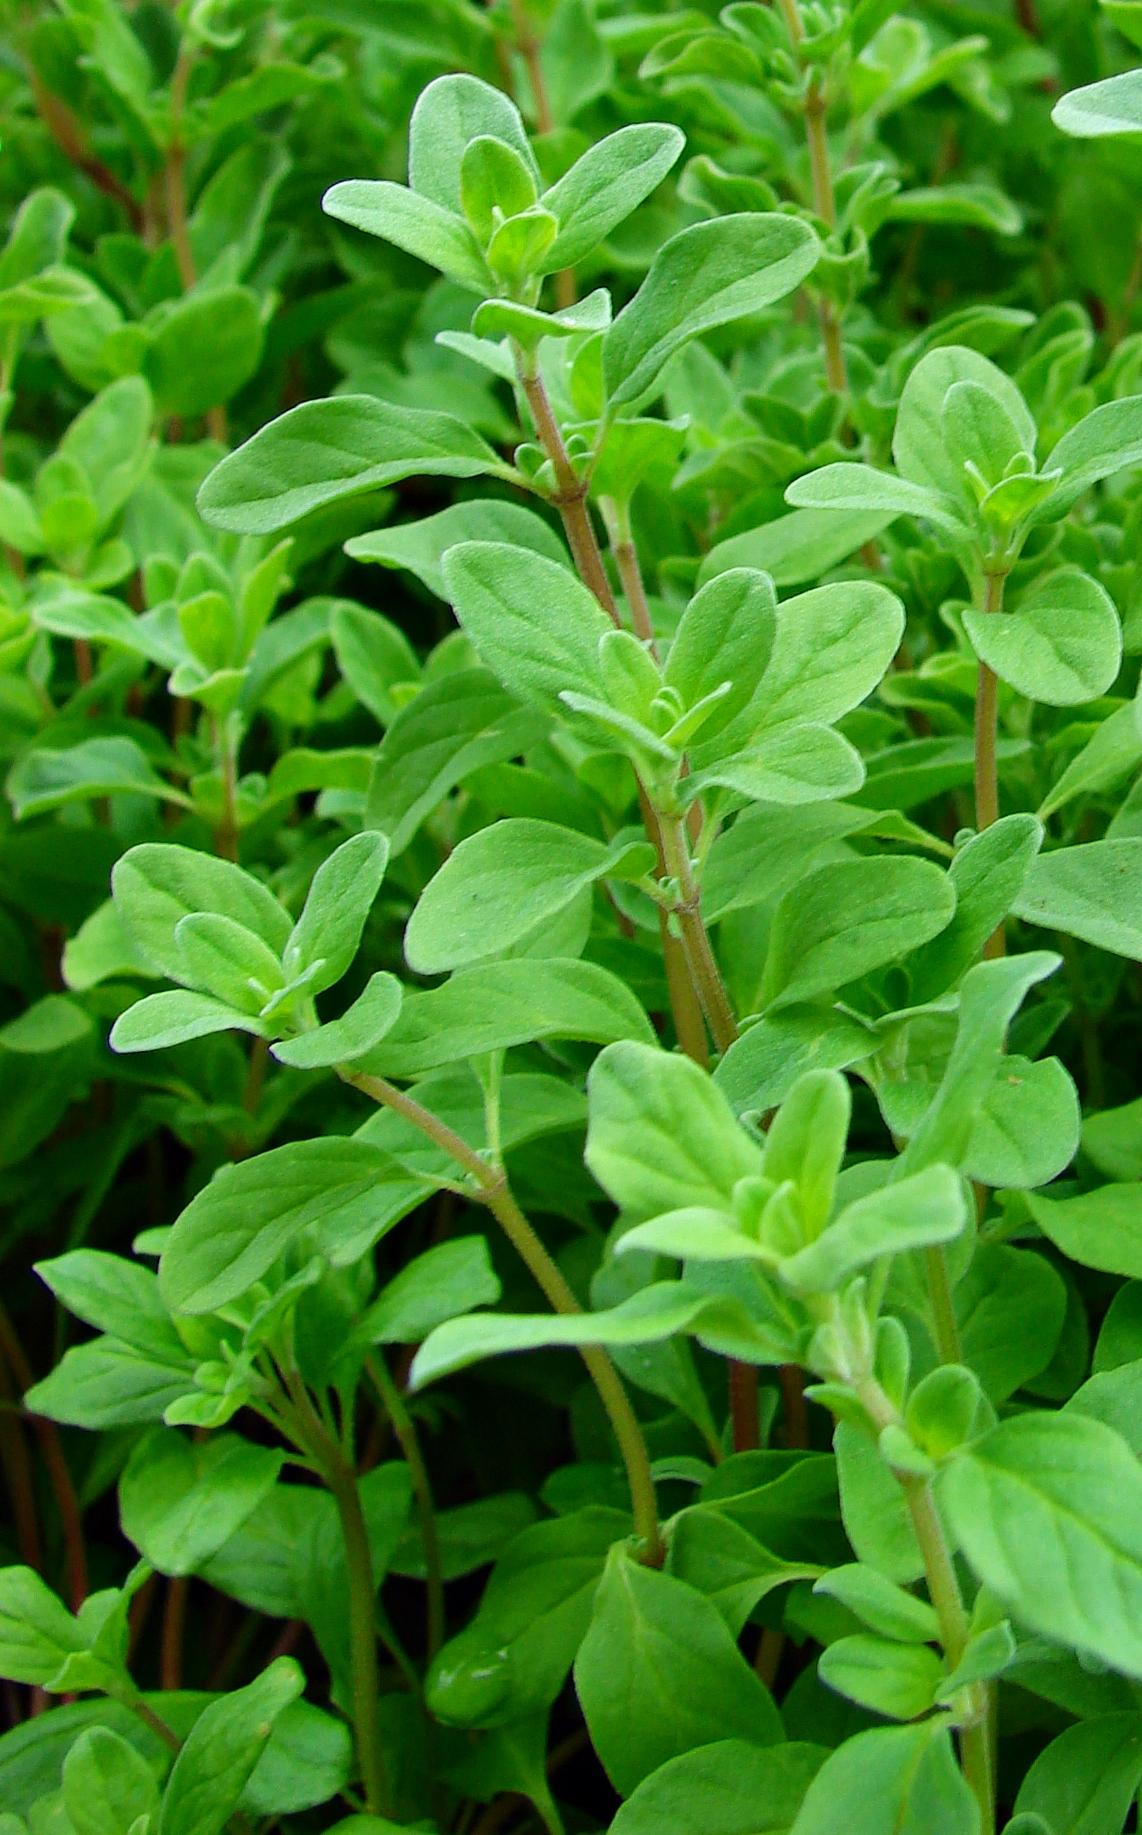 majeranek - jednoroczna roślina zielna o właściwościach leczniczych